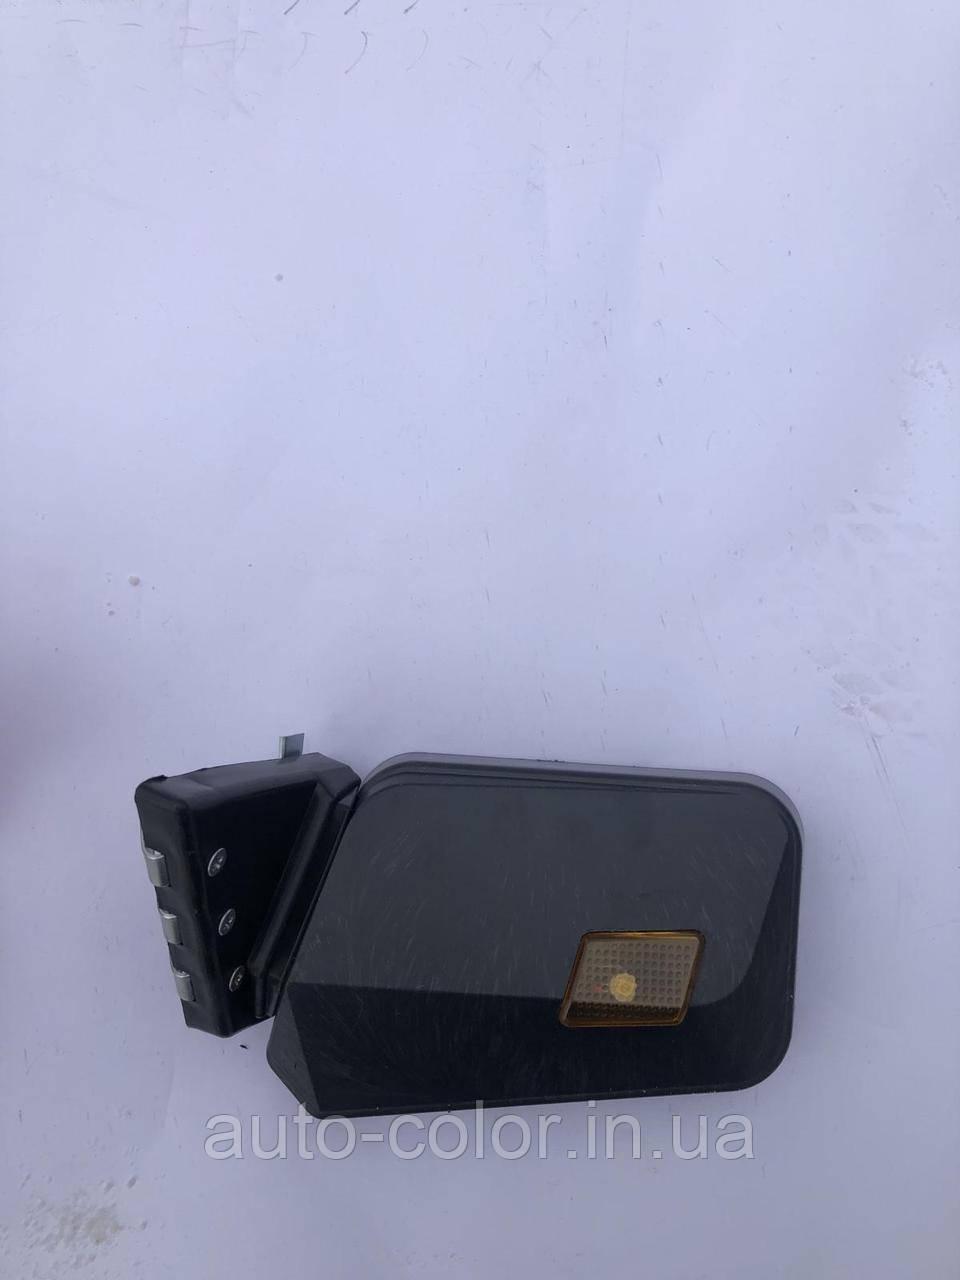 Зеркала автомобильные боковые с повторителем на ВАЗ 2101-2107  Комплект: 2 шт